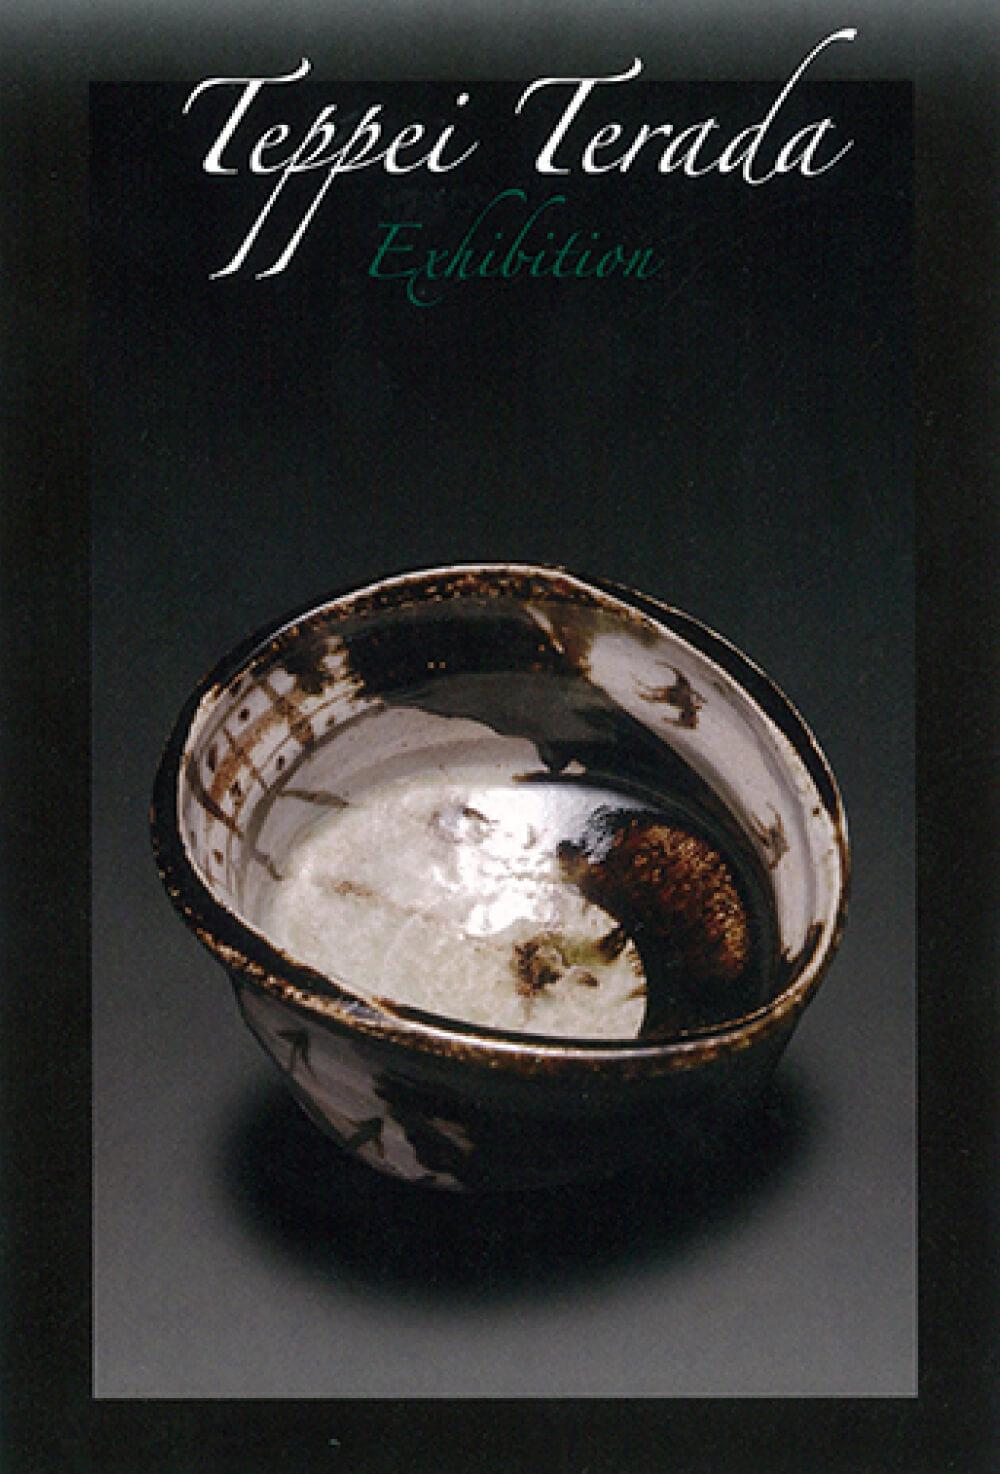 2015年9月12日から開催の「織部の息吹 寺田 鉄平 陶展」のDM画像